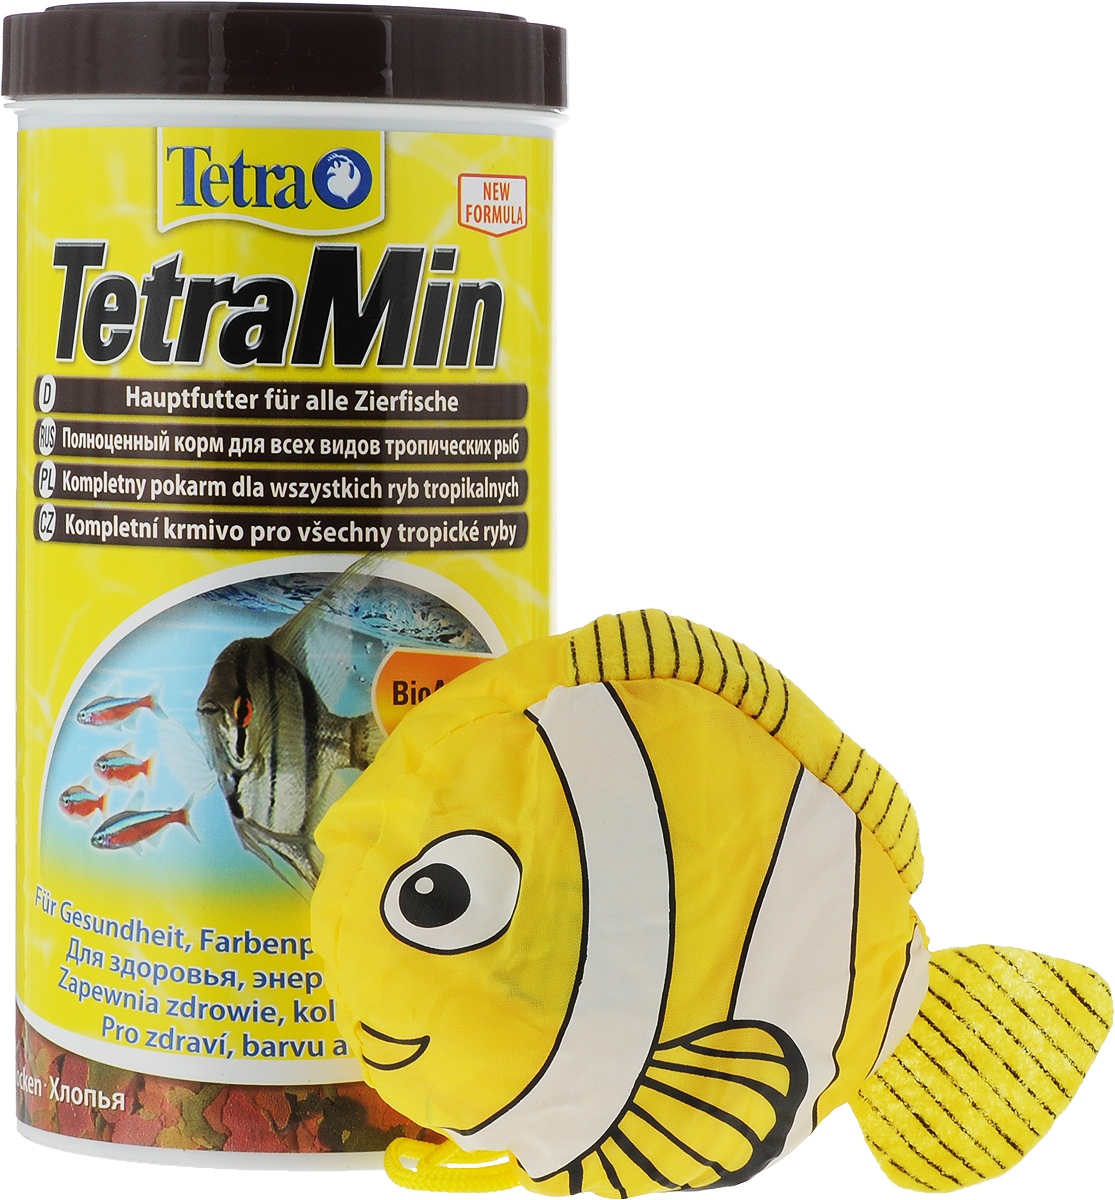 Корм Tetra TetraMin для всех видов тропических рыб, хлопья, 1 л (200 г) + Подарок: Сумка tetra корм для рыб tetra selection для всех видов рыб 4 вида хлопья чипсы гранулы 250мл